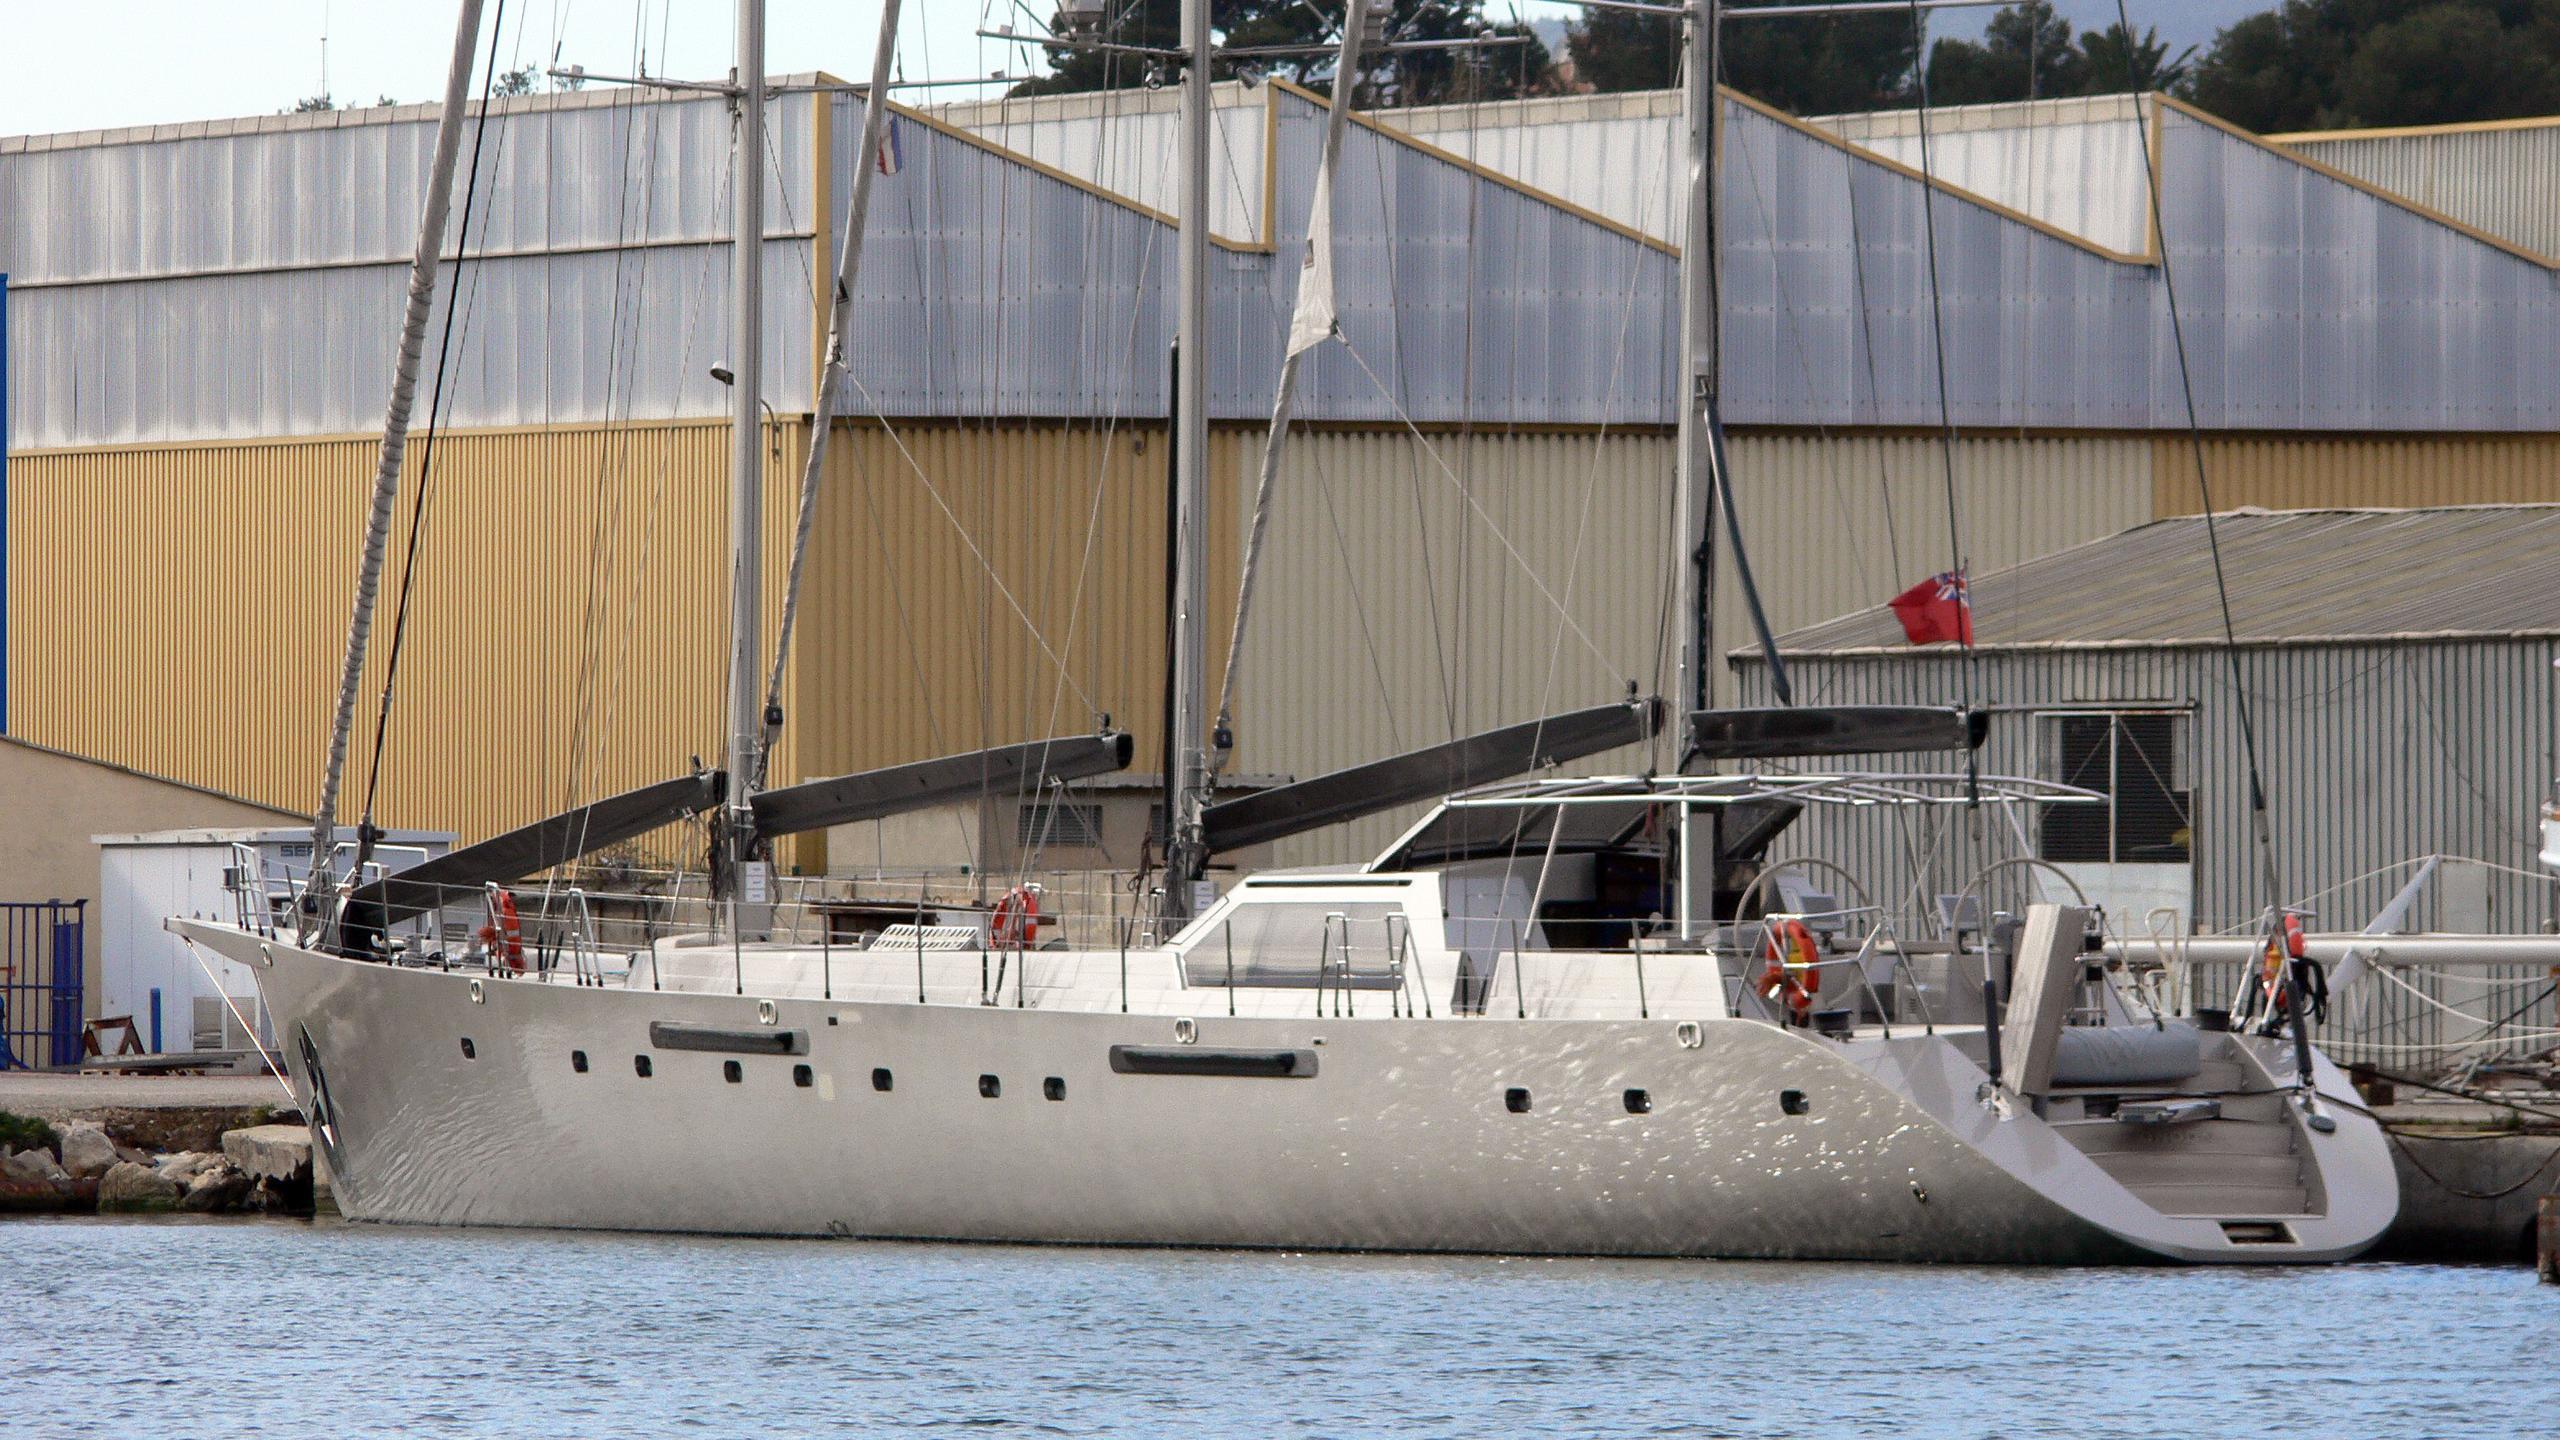 yamakay-sailing-yacht-cmn-1994-42m-stern